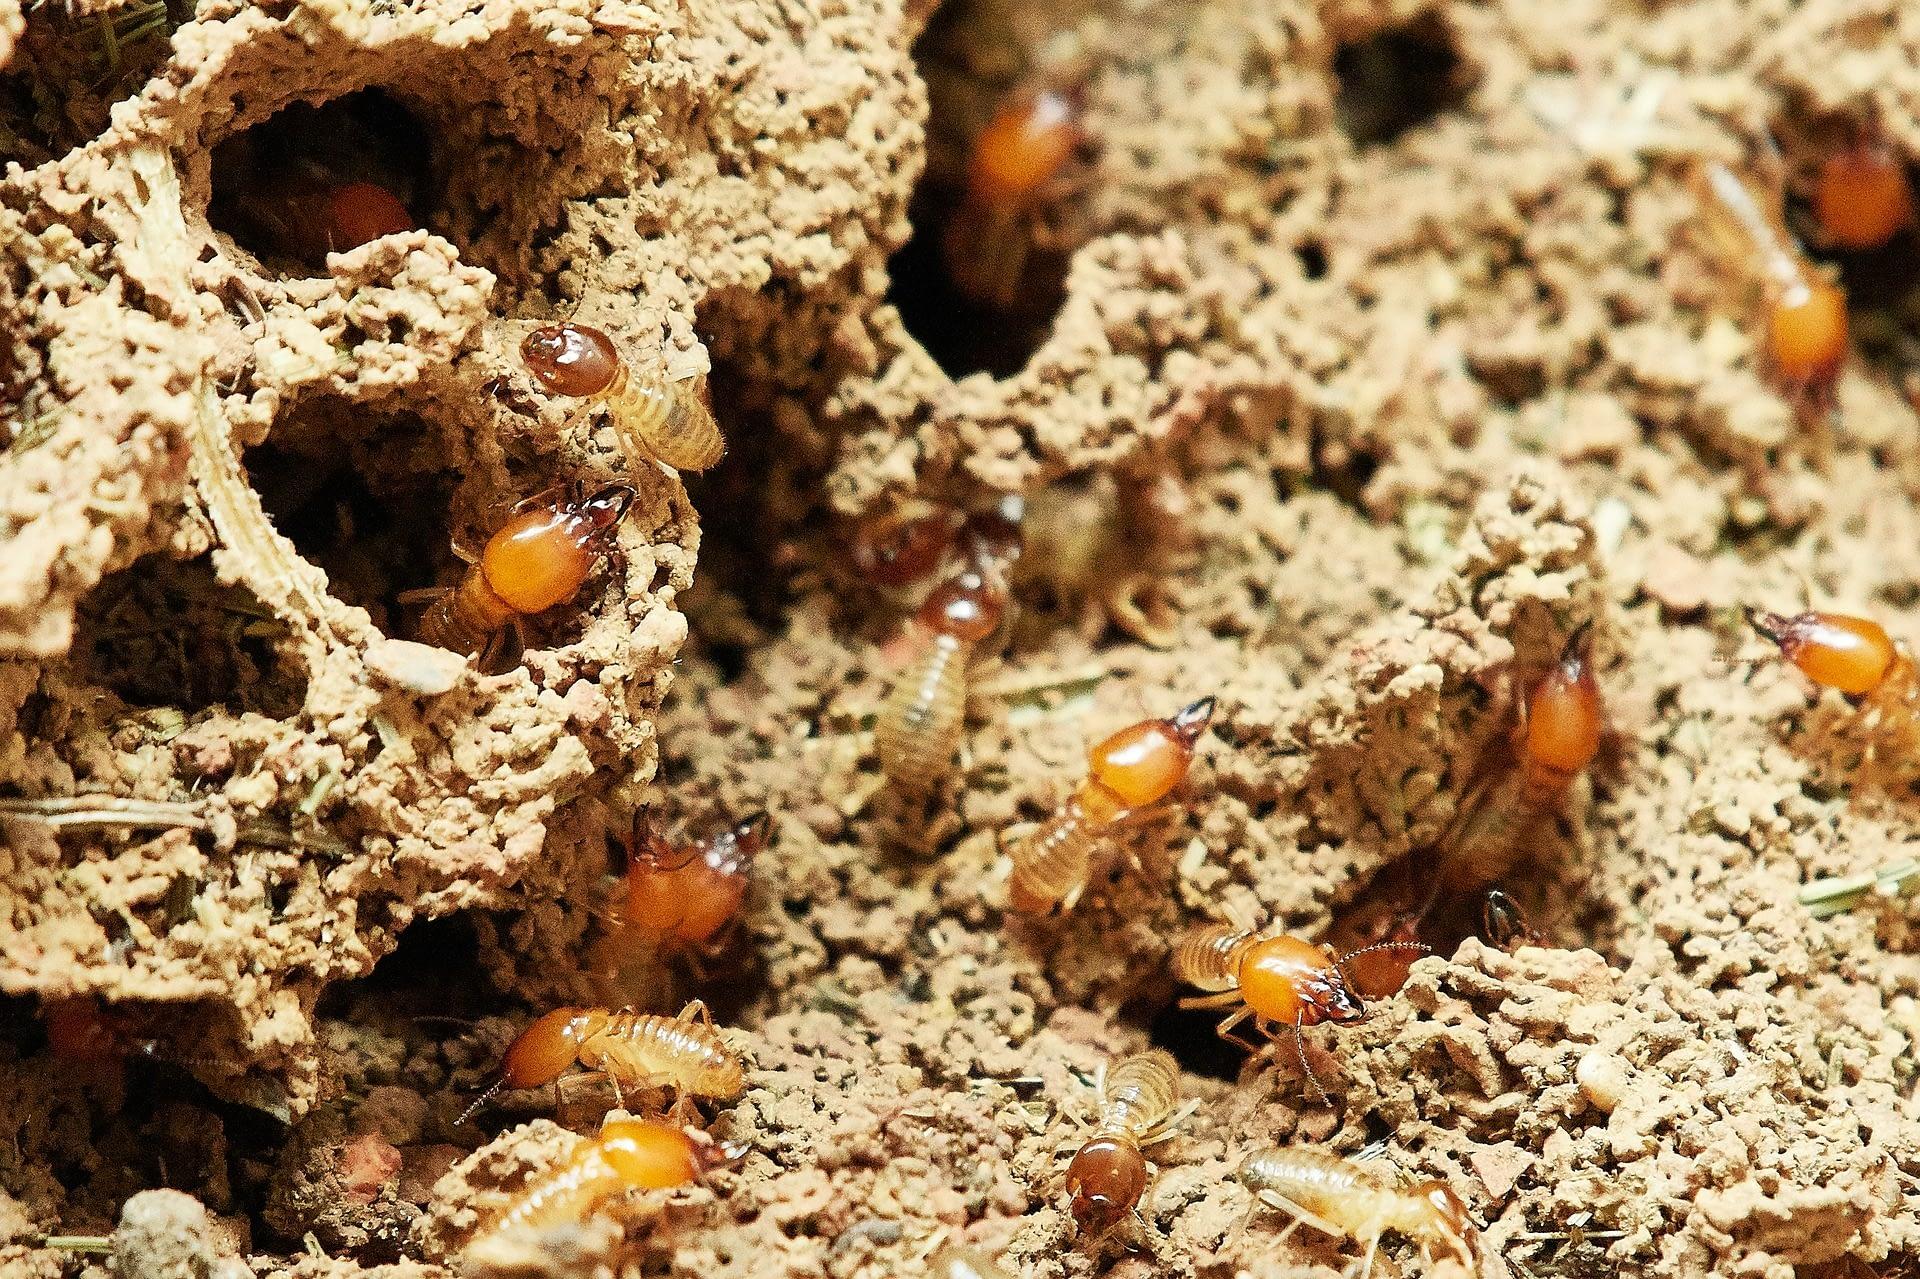 termites-3367350_1920